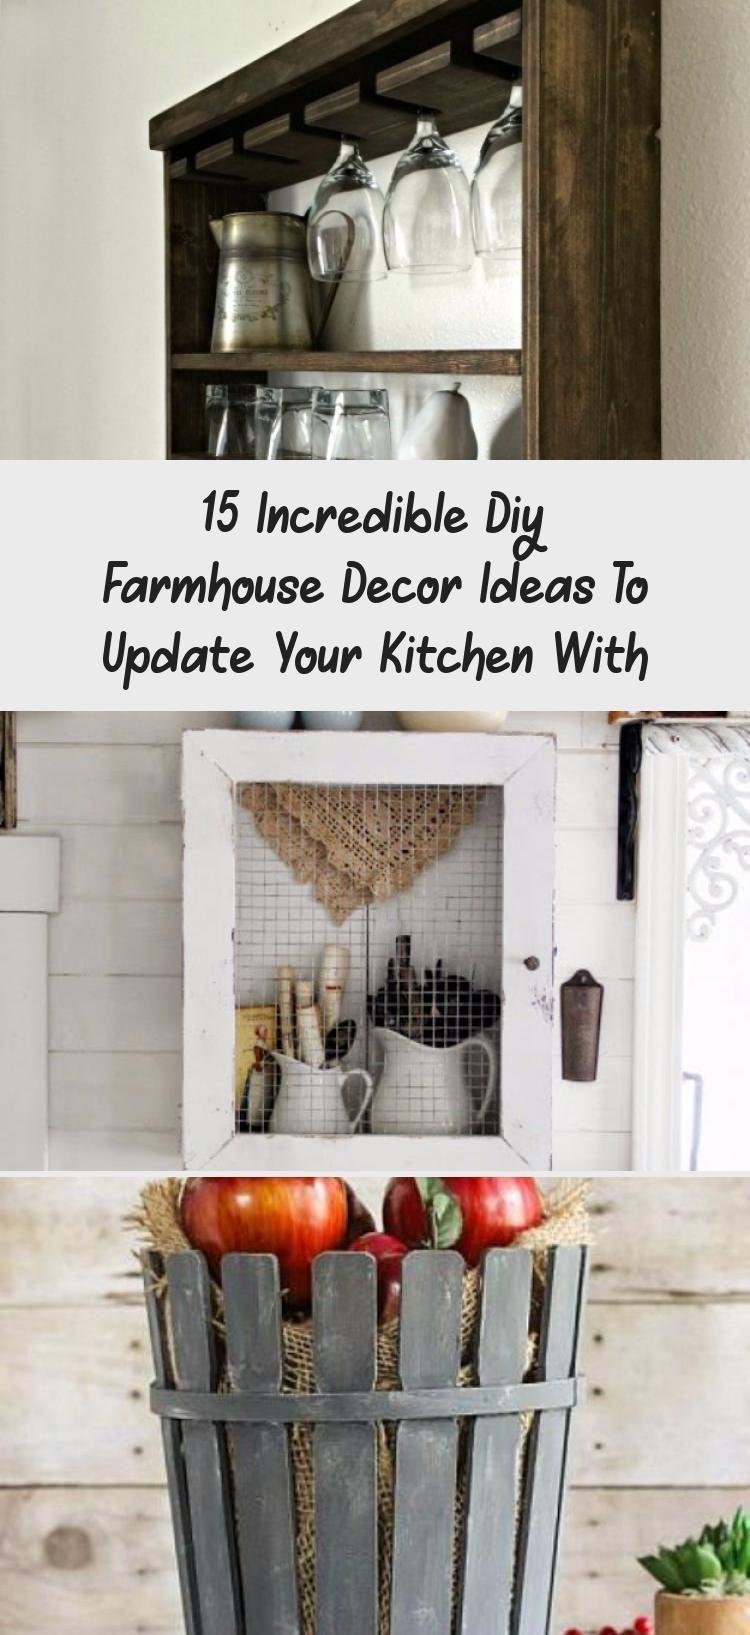 Photo of 15 unglaubliche DIY Farmhouse Decor Ideen, um Ihre Küche mit #diyfarmhous …, #Decor … zu aktualisieren